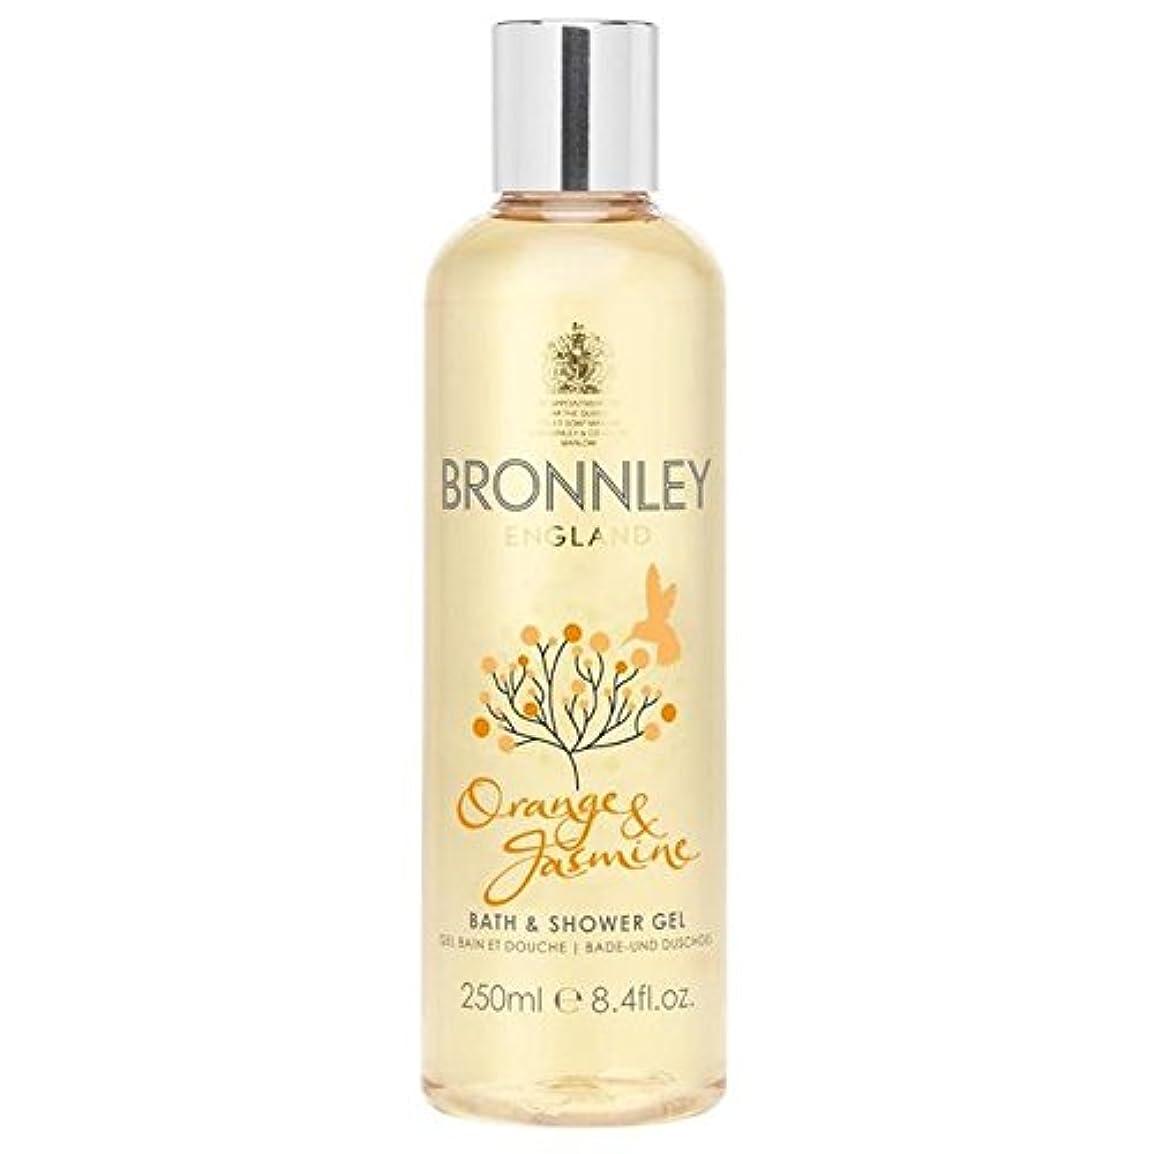 前書き硬さ非常に怒っていますBronnley Orange & Jasmine Bath & Shower Gel 250ml (Pack of 6) - オレンジ&ジャスミンバス&シャワージェル250ミリリットル x6 [並行輸入品]